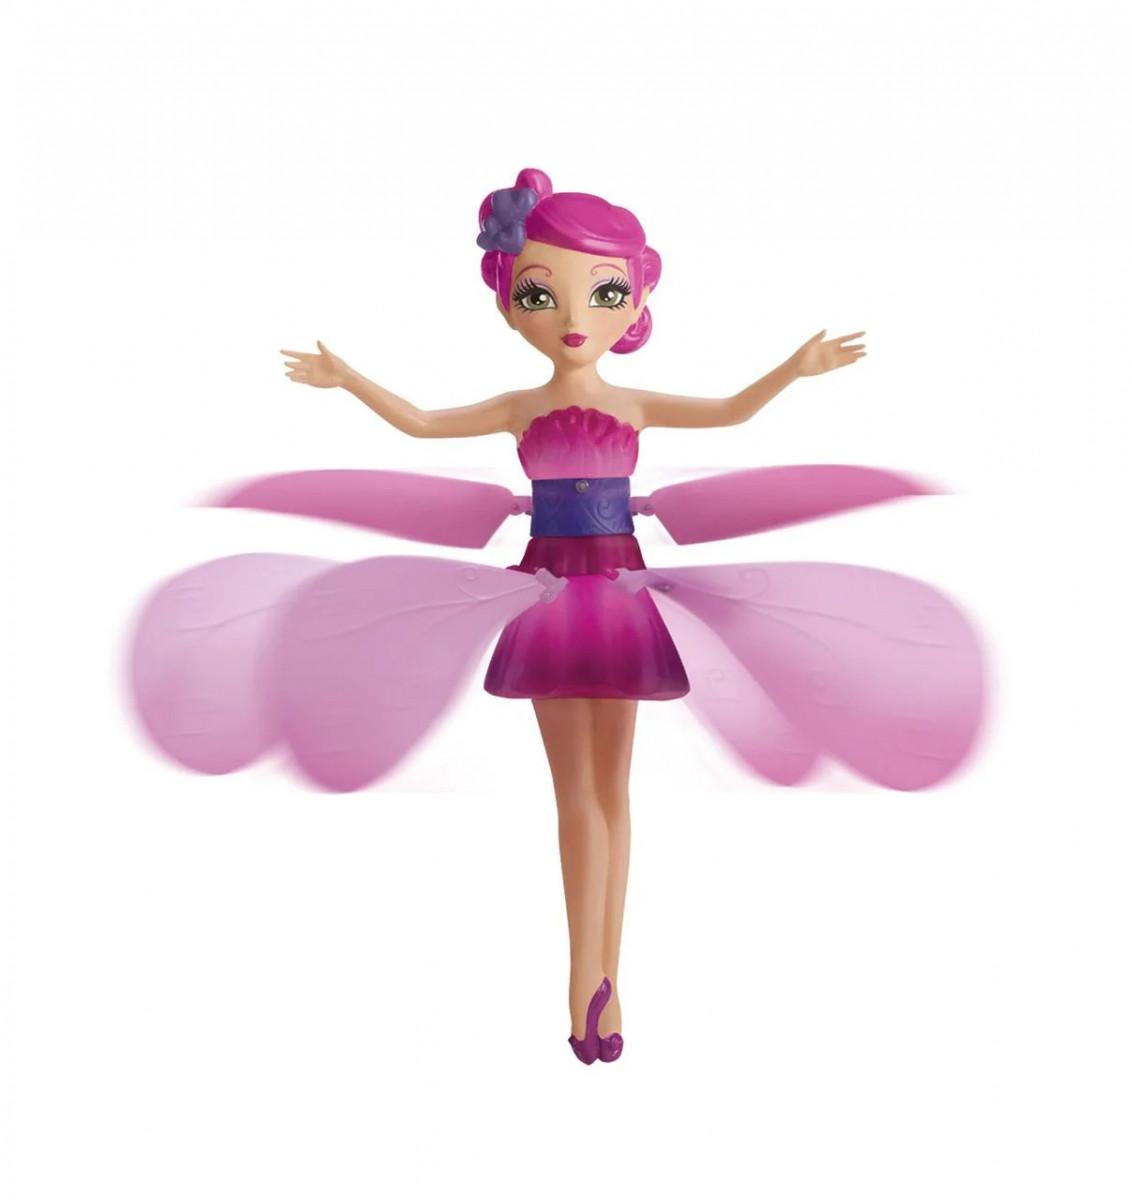 Летающая фея кукла Pincess AeroCraft